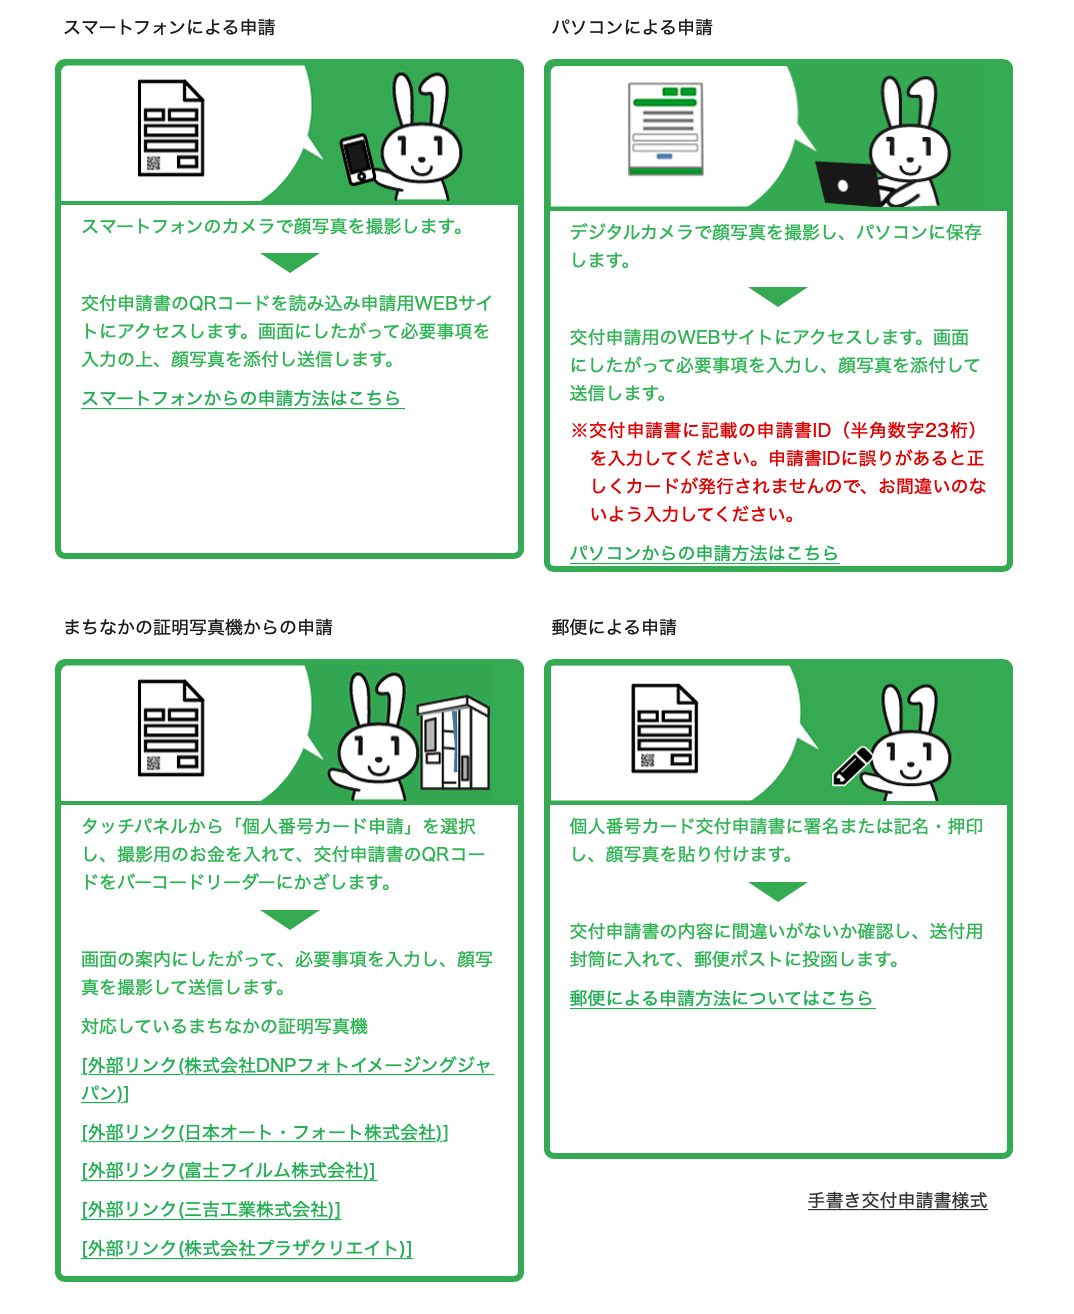 マイナンバーカード申請方法